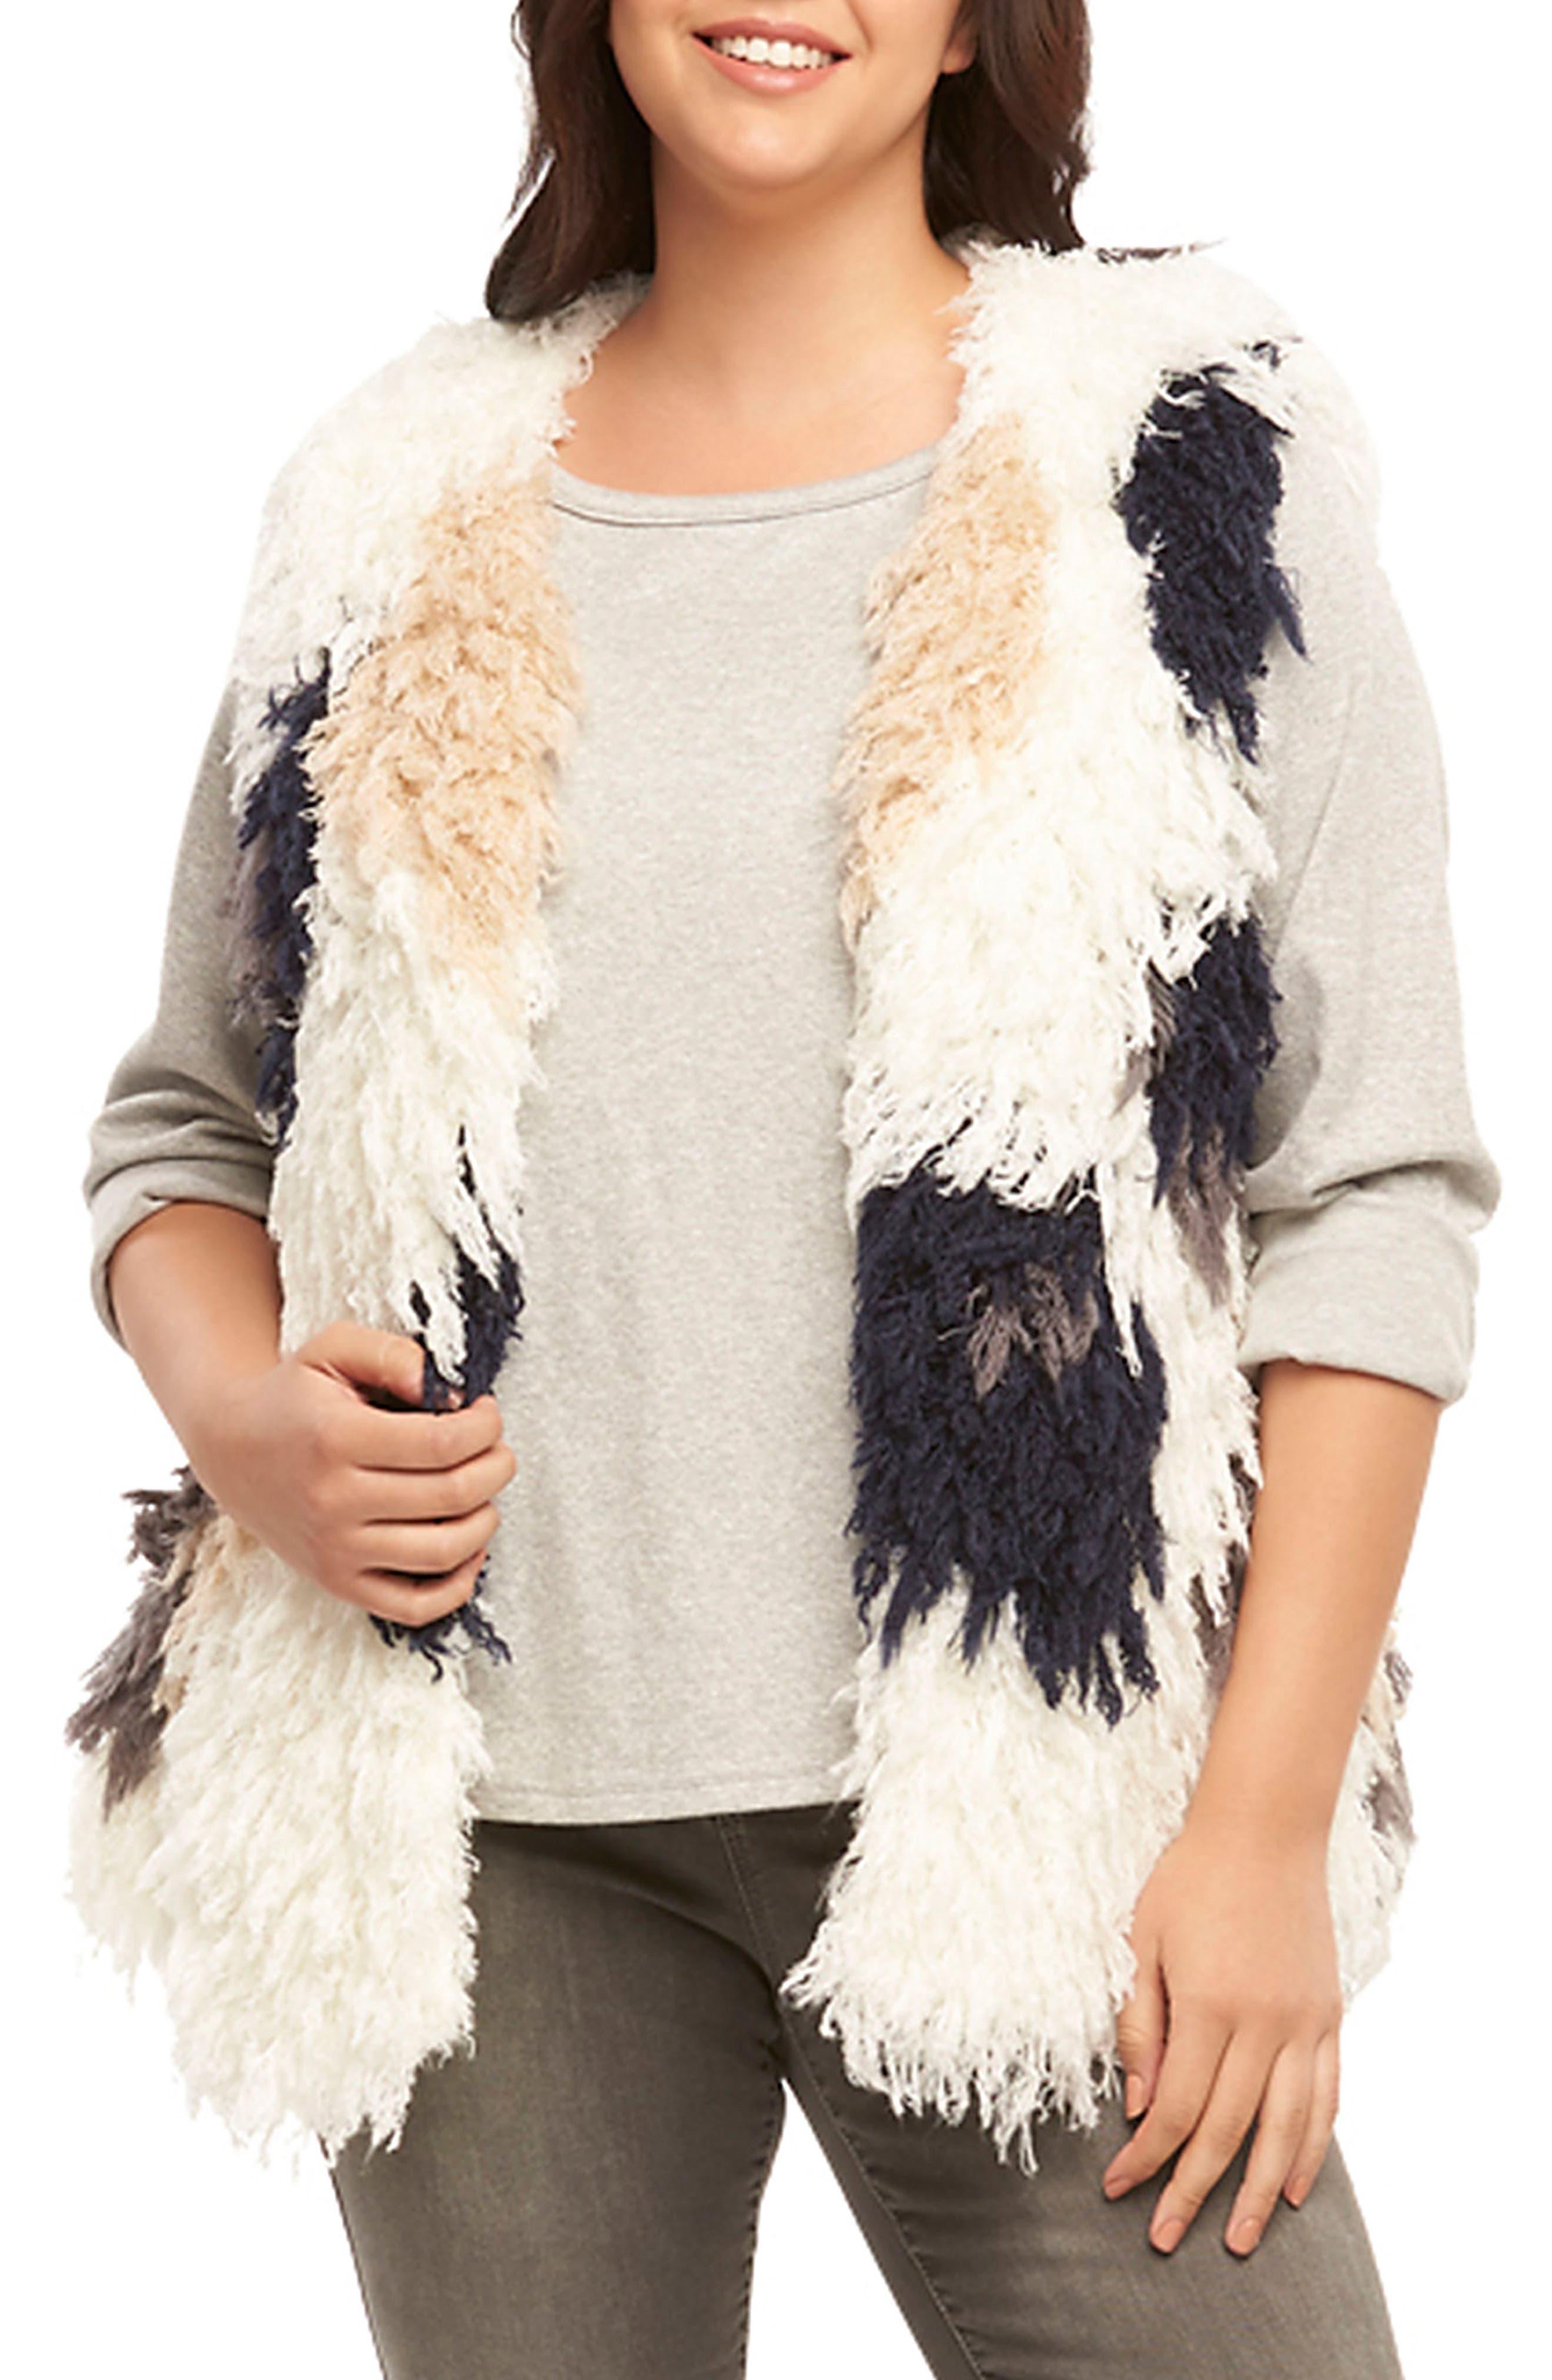 Alternate Image 1 Selected - Tart Mave Spot Shaggy Faux Fur Vest (Plus Size)